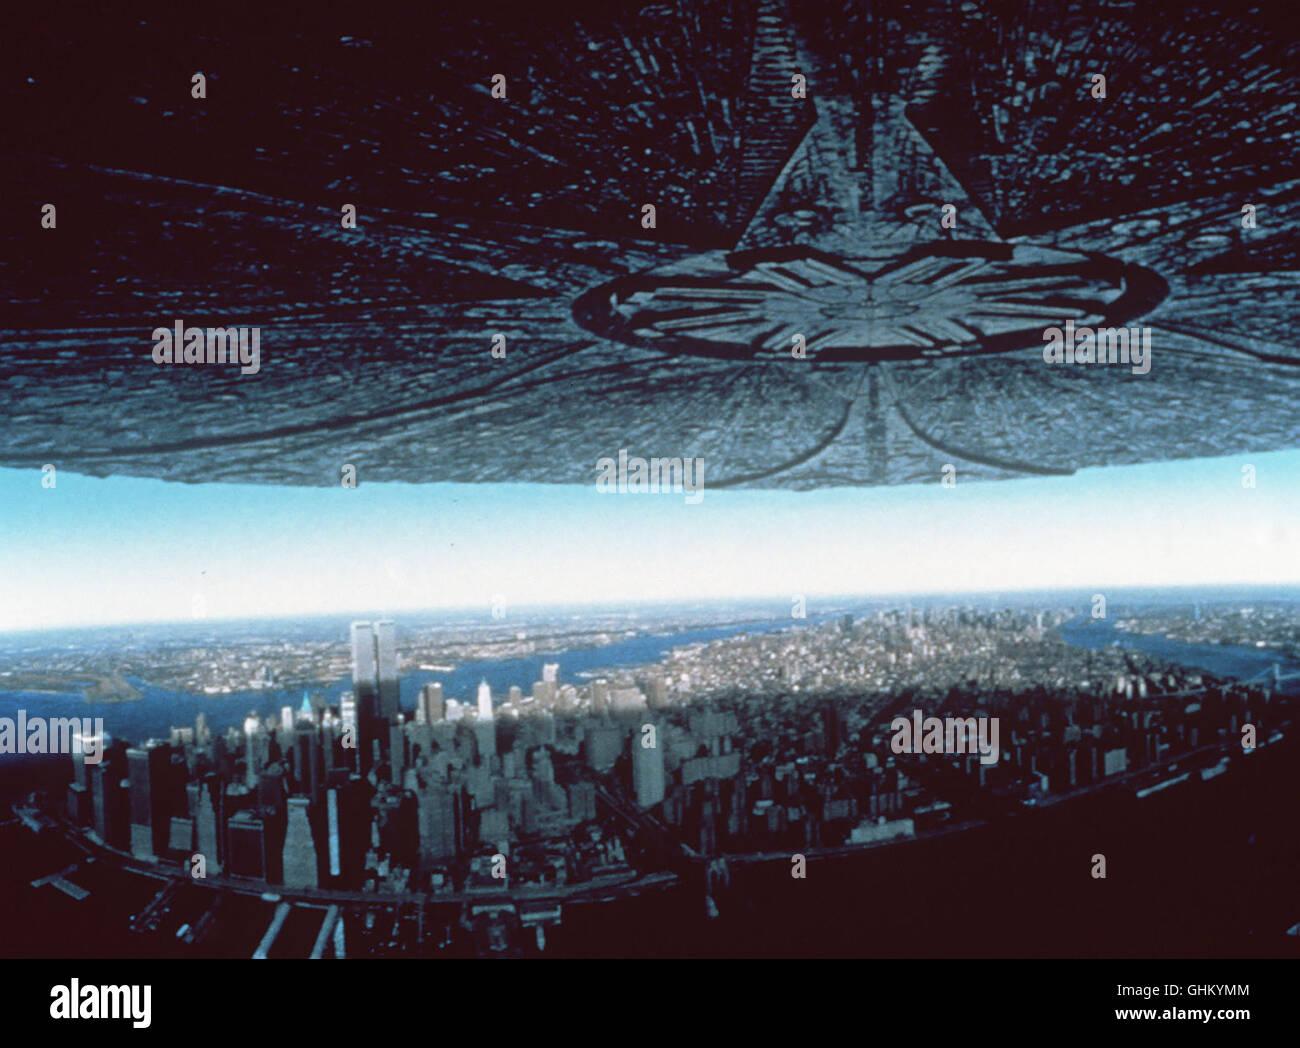 Ein riesiges UFO kommt der Erde immer näher. Nach einiger Zeit des Abwartens wird klar, die Aliens haben eine - Stock Image